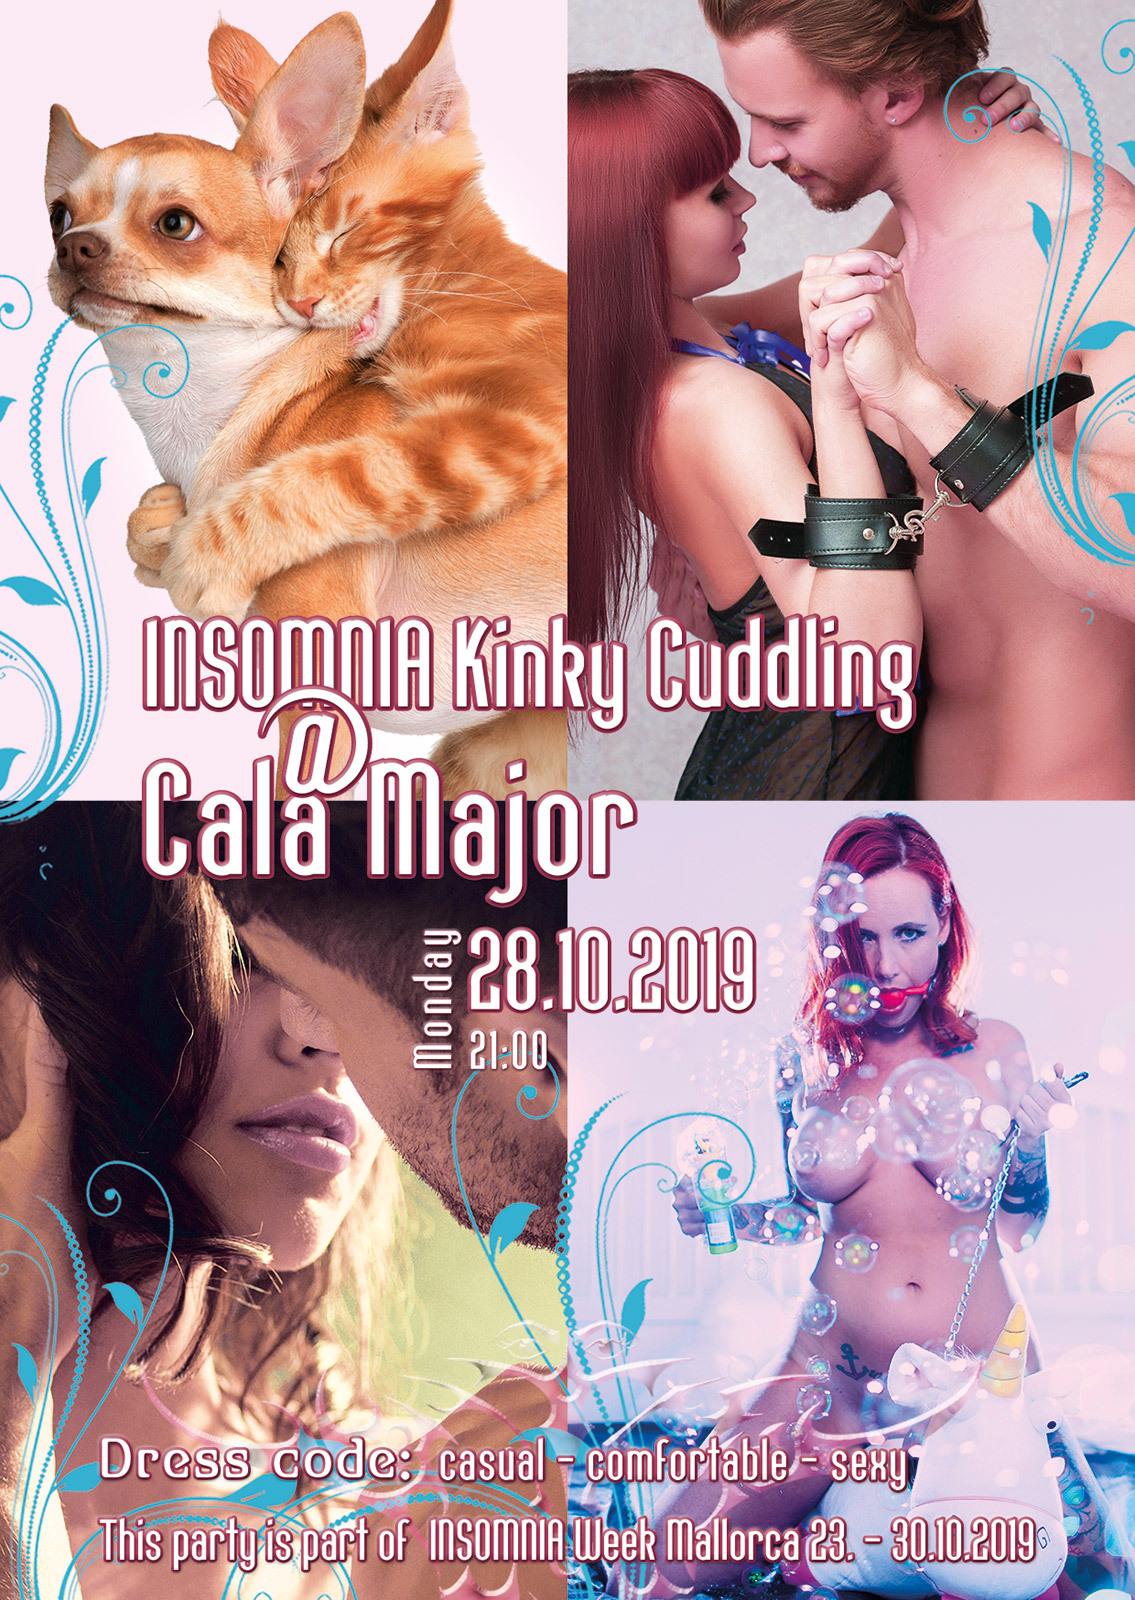 Kinky Cuddling @ Cala Major